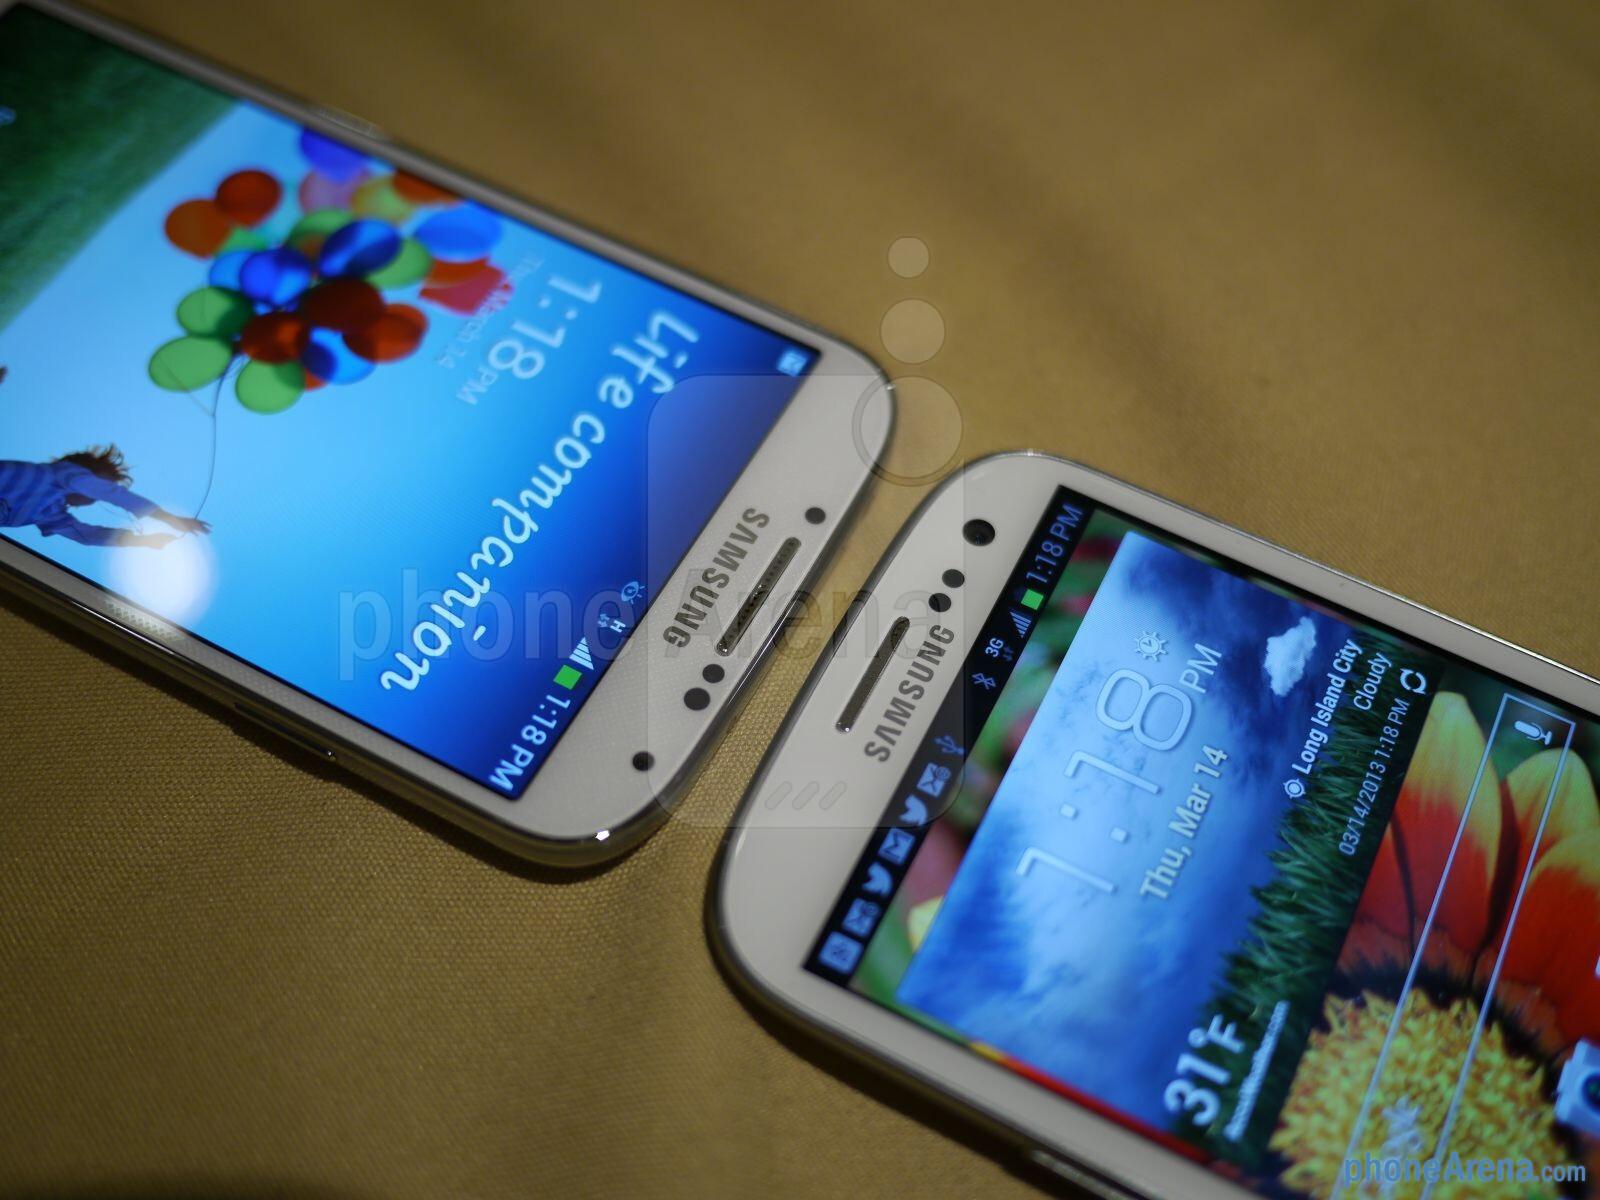 Description: Samsung Galaxy S4 có gì khác với Galaxy S3? 7